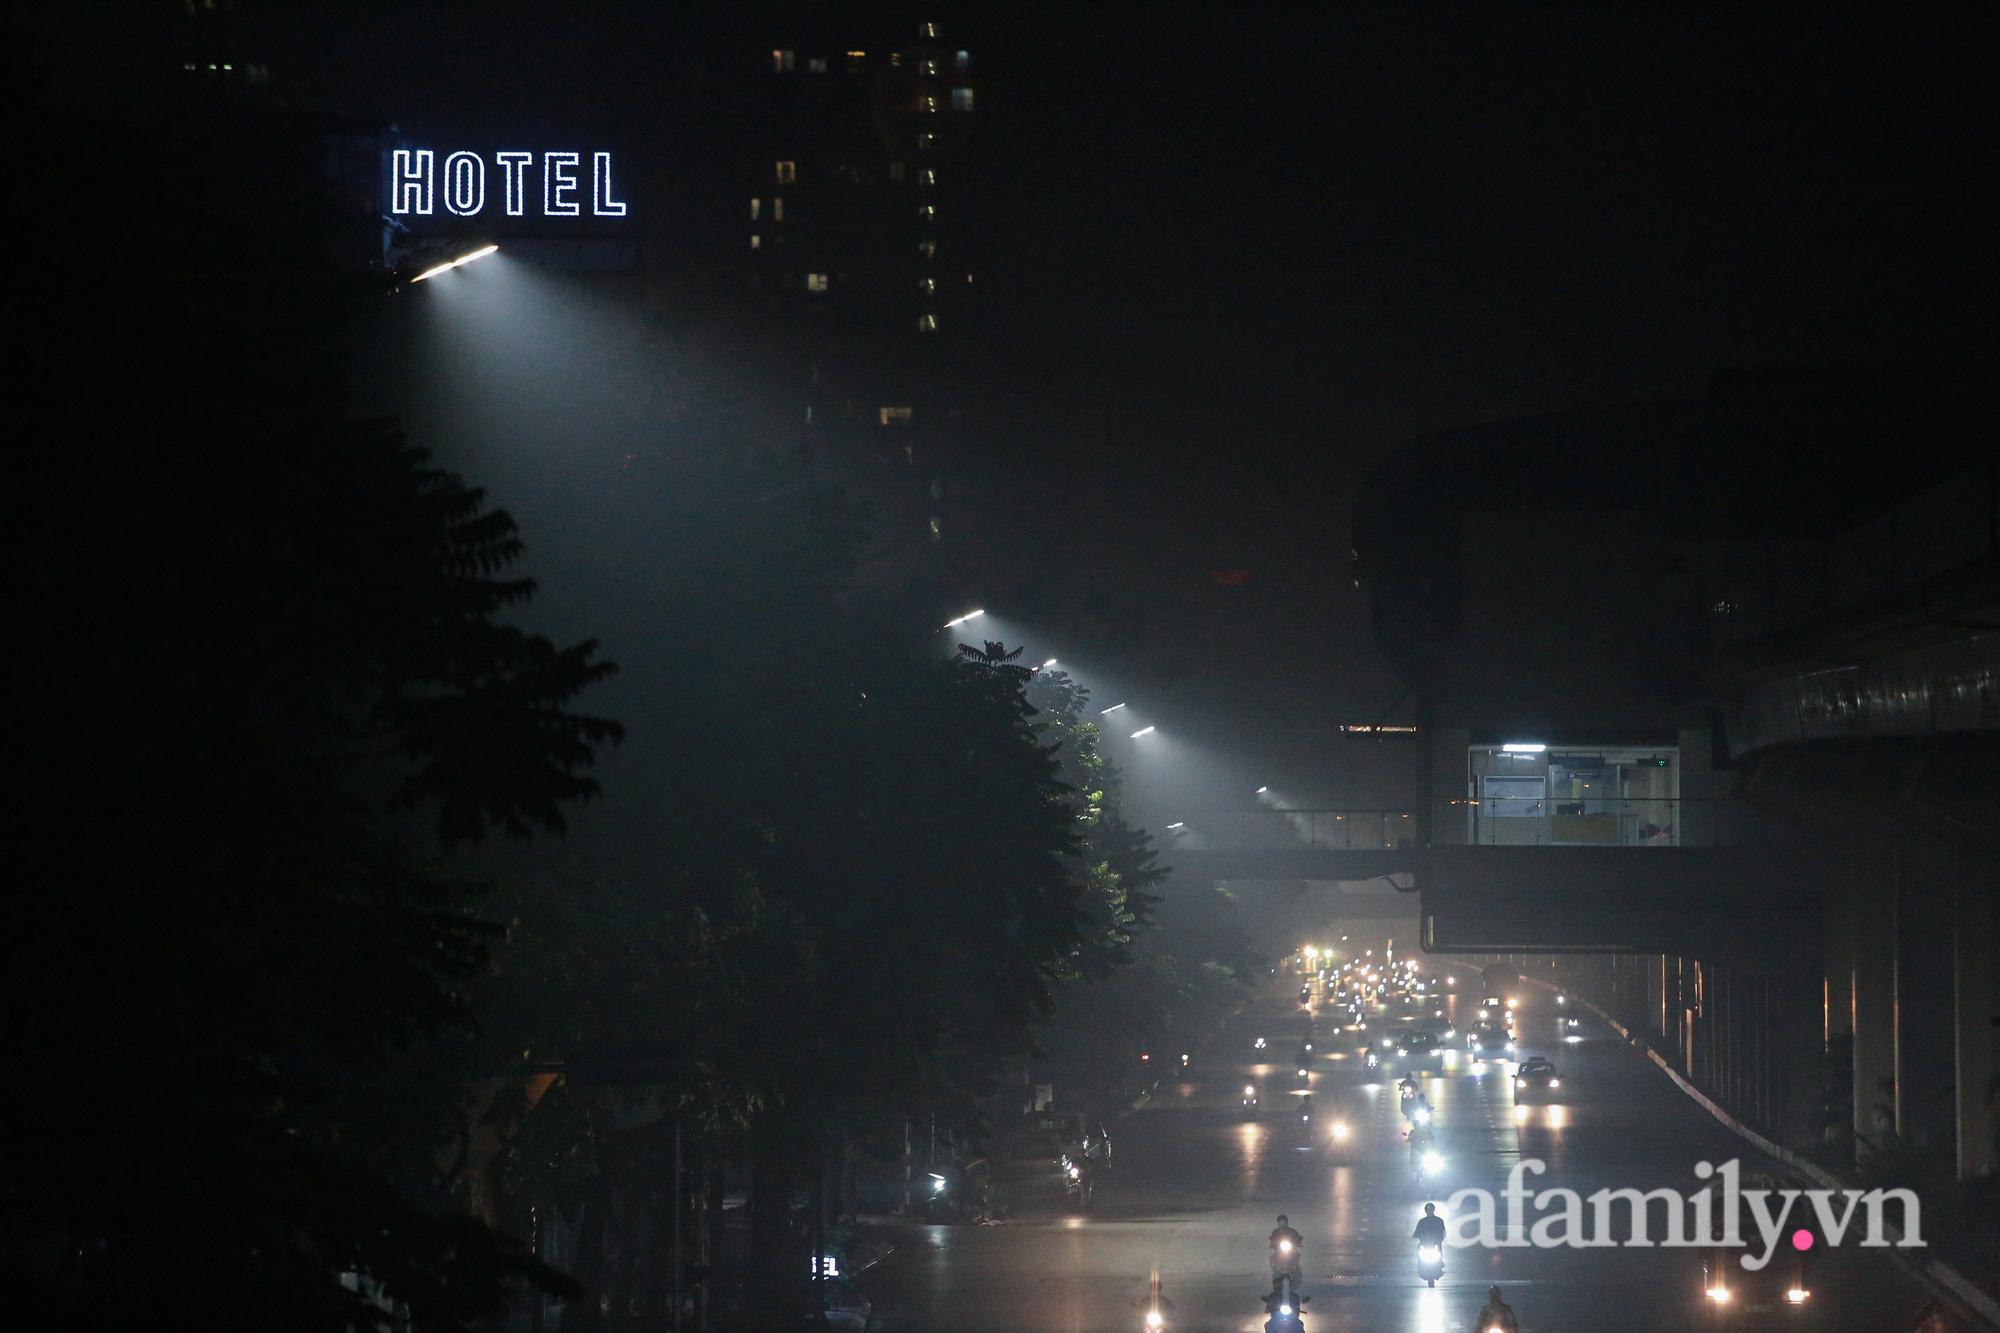 Bầu trời Hà Nội mù mịt giữa đêm khuya  - Ảnh 5.